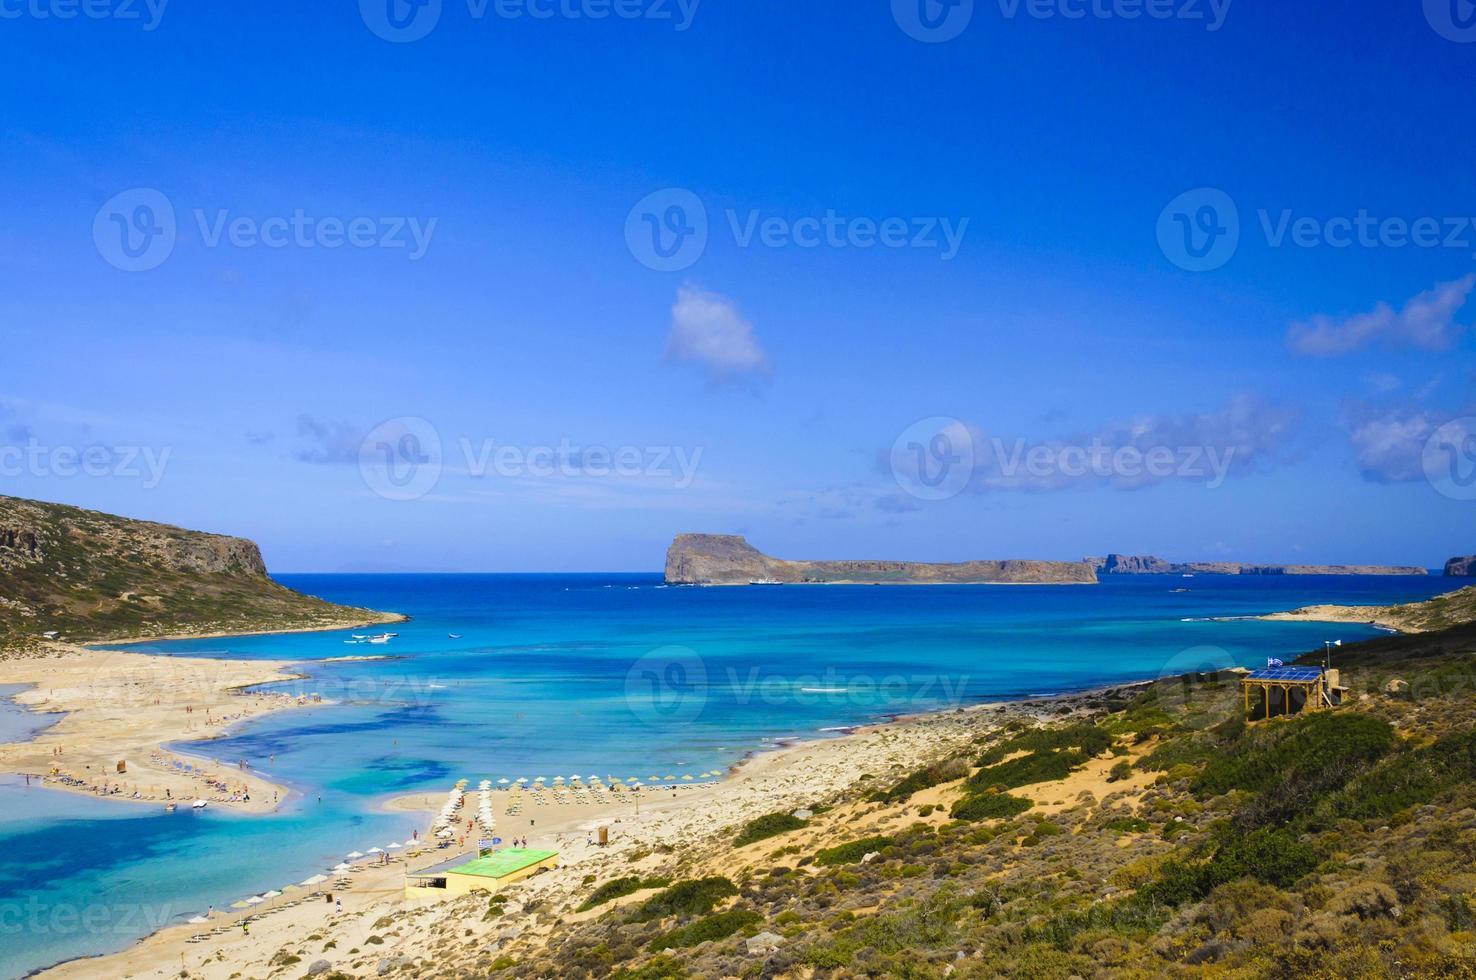 vue imprenable sur le lagon de Balos en Crète, Grèce photo